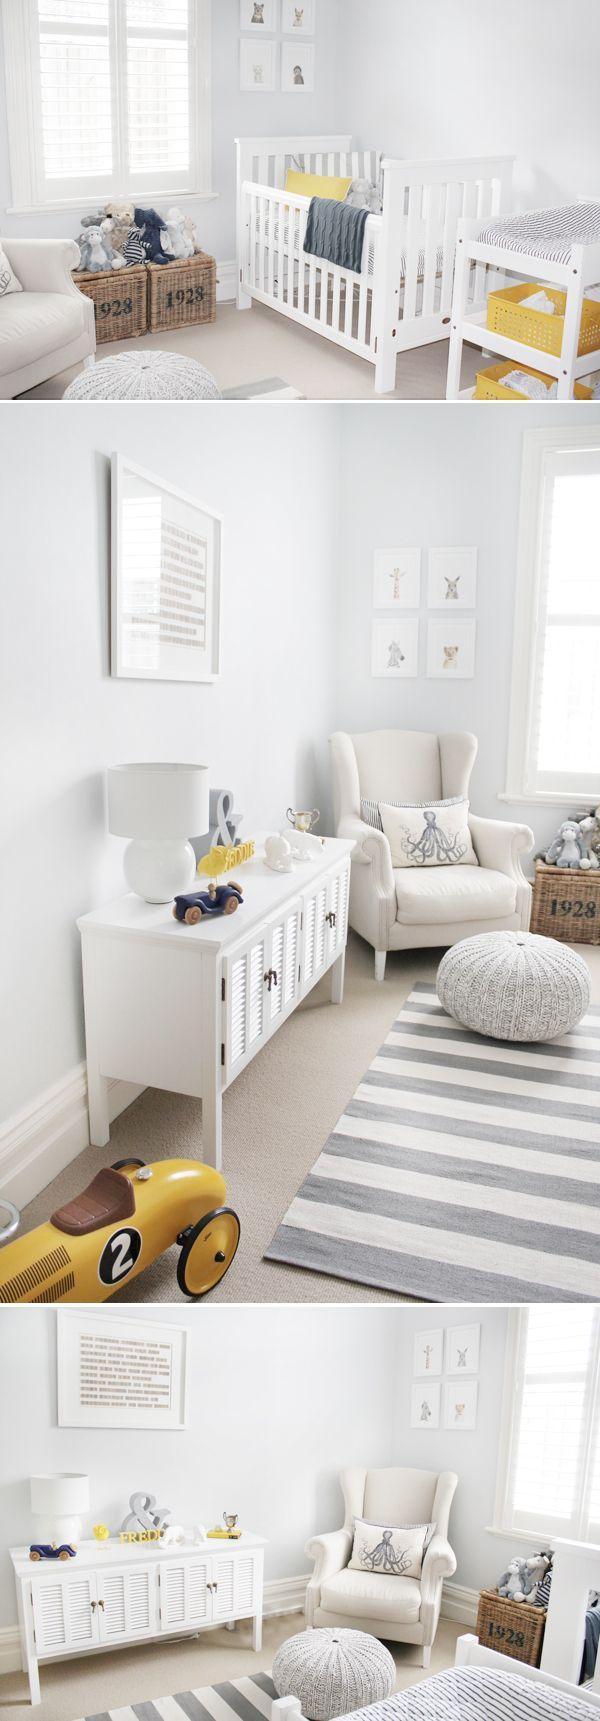 17 meilleures id es propos de petites chambres sur for Organisation chambre bebe